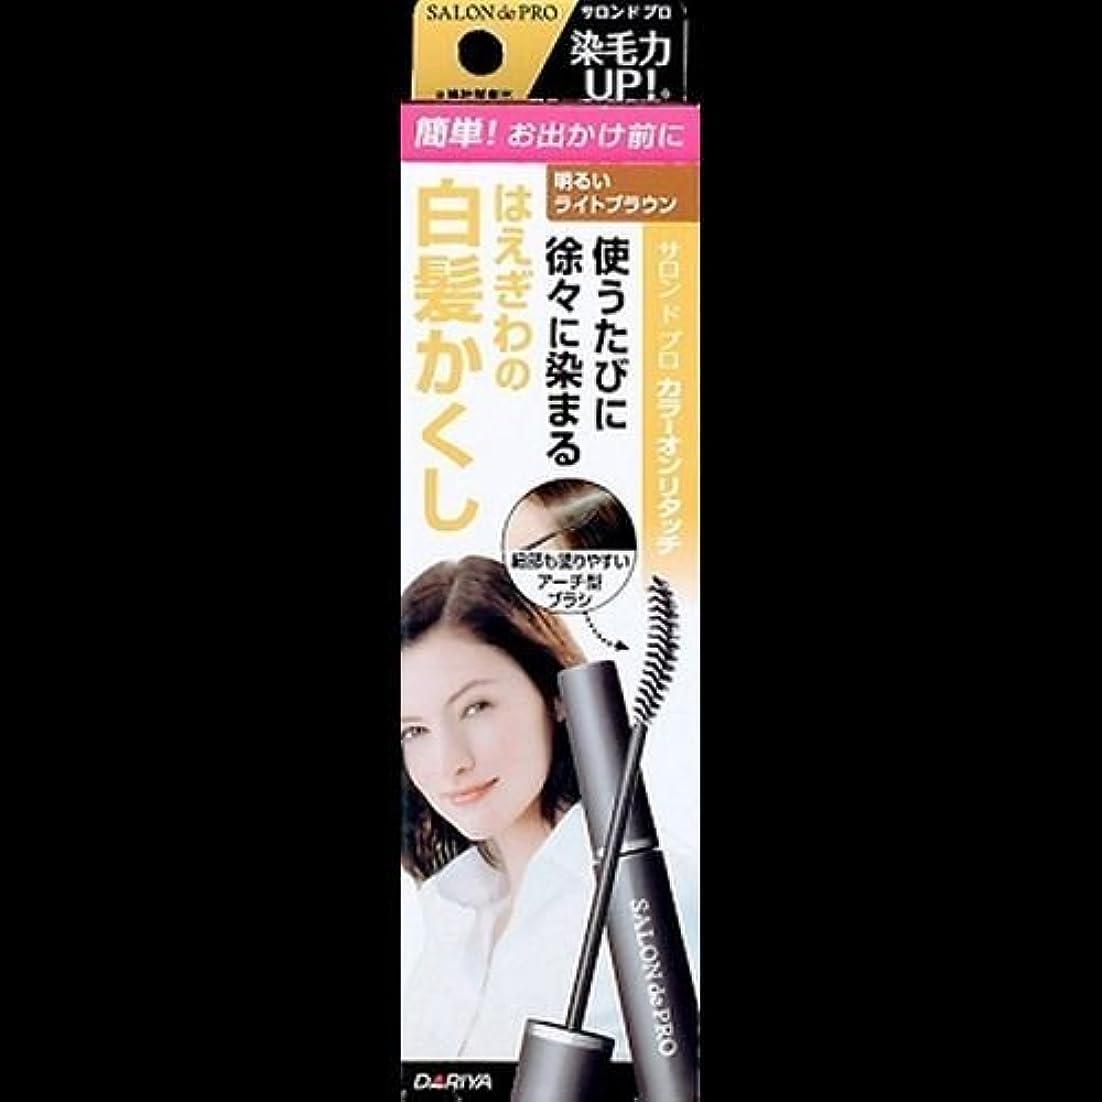 絵覚えている確認する【まとめ買い】サロンドプロ カラーオンリタッチ 白髪かくしEX 明るいライトブラウン 15ml ×2セット